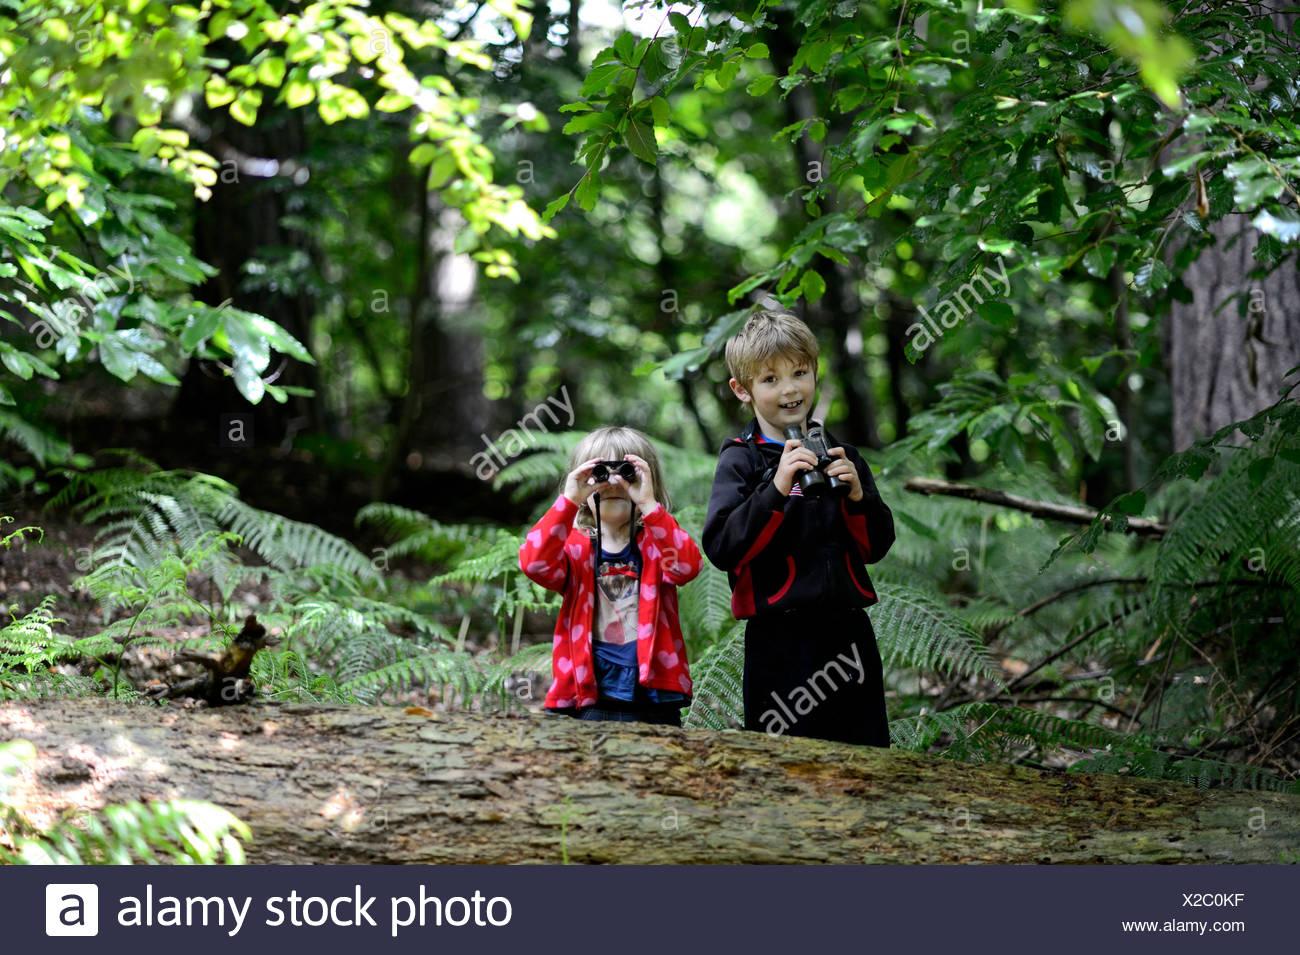 Ragazzo e ragazza (fratello e sorella) birdwatching nel bosco in estate Norfolk Modello rilasciato Immagini Stock